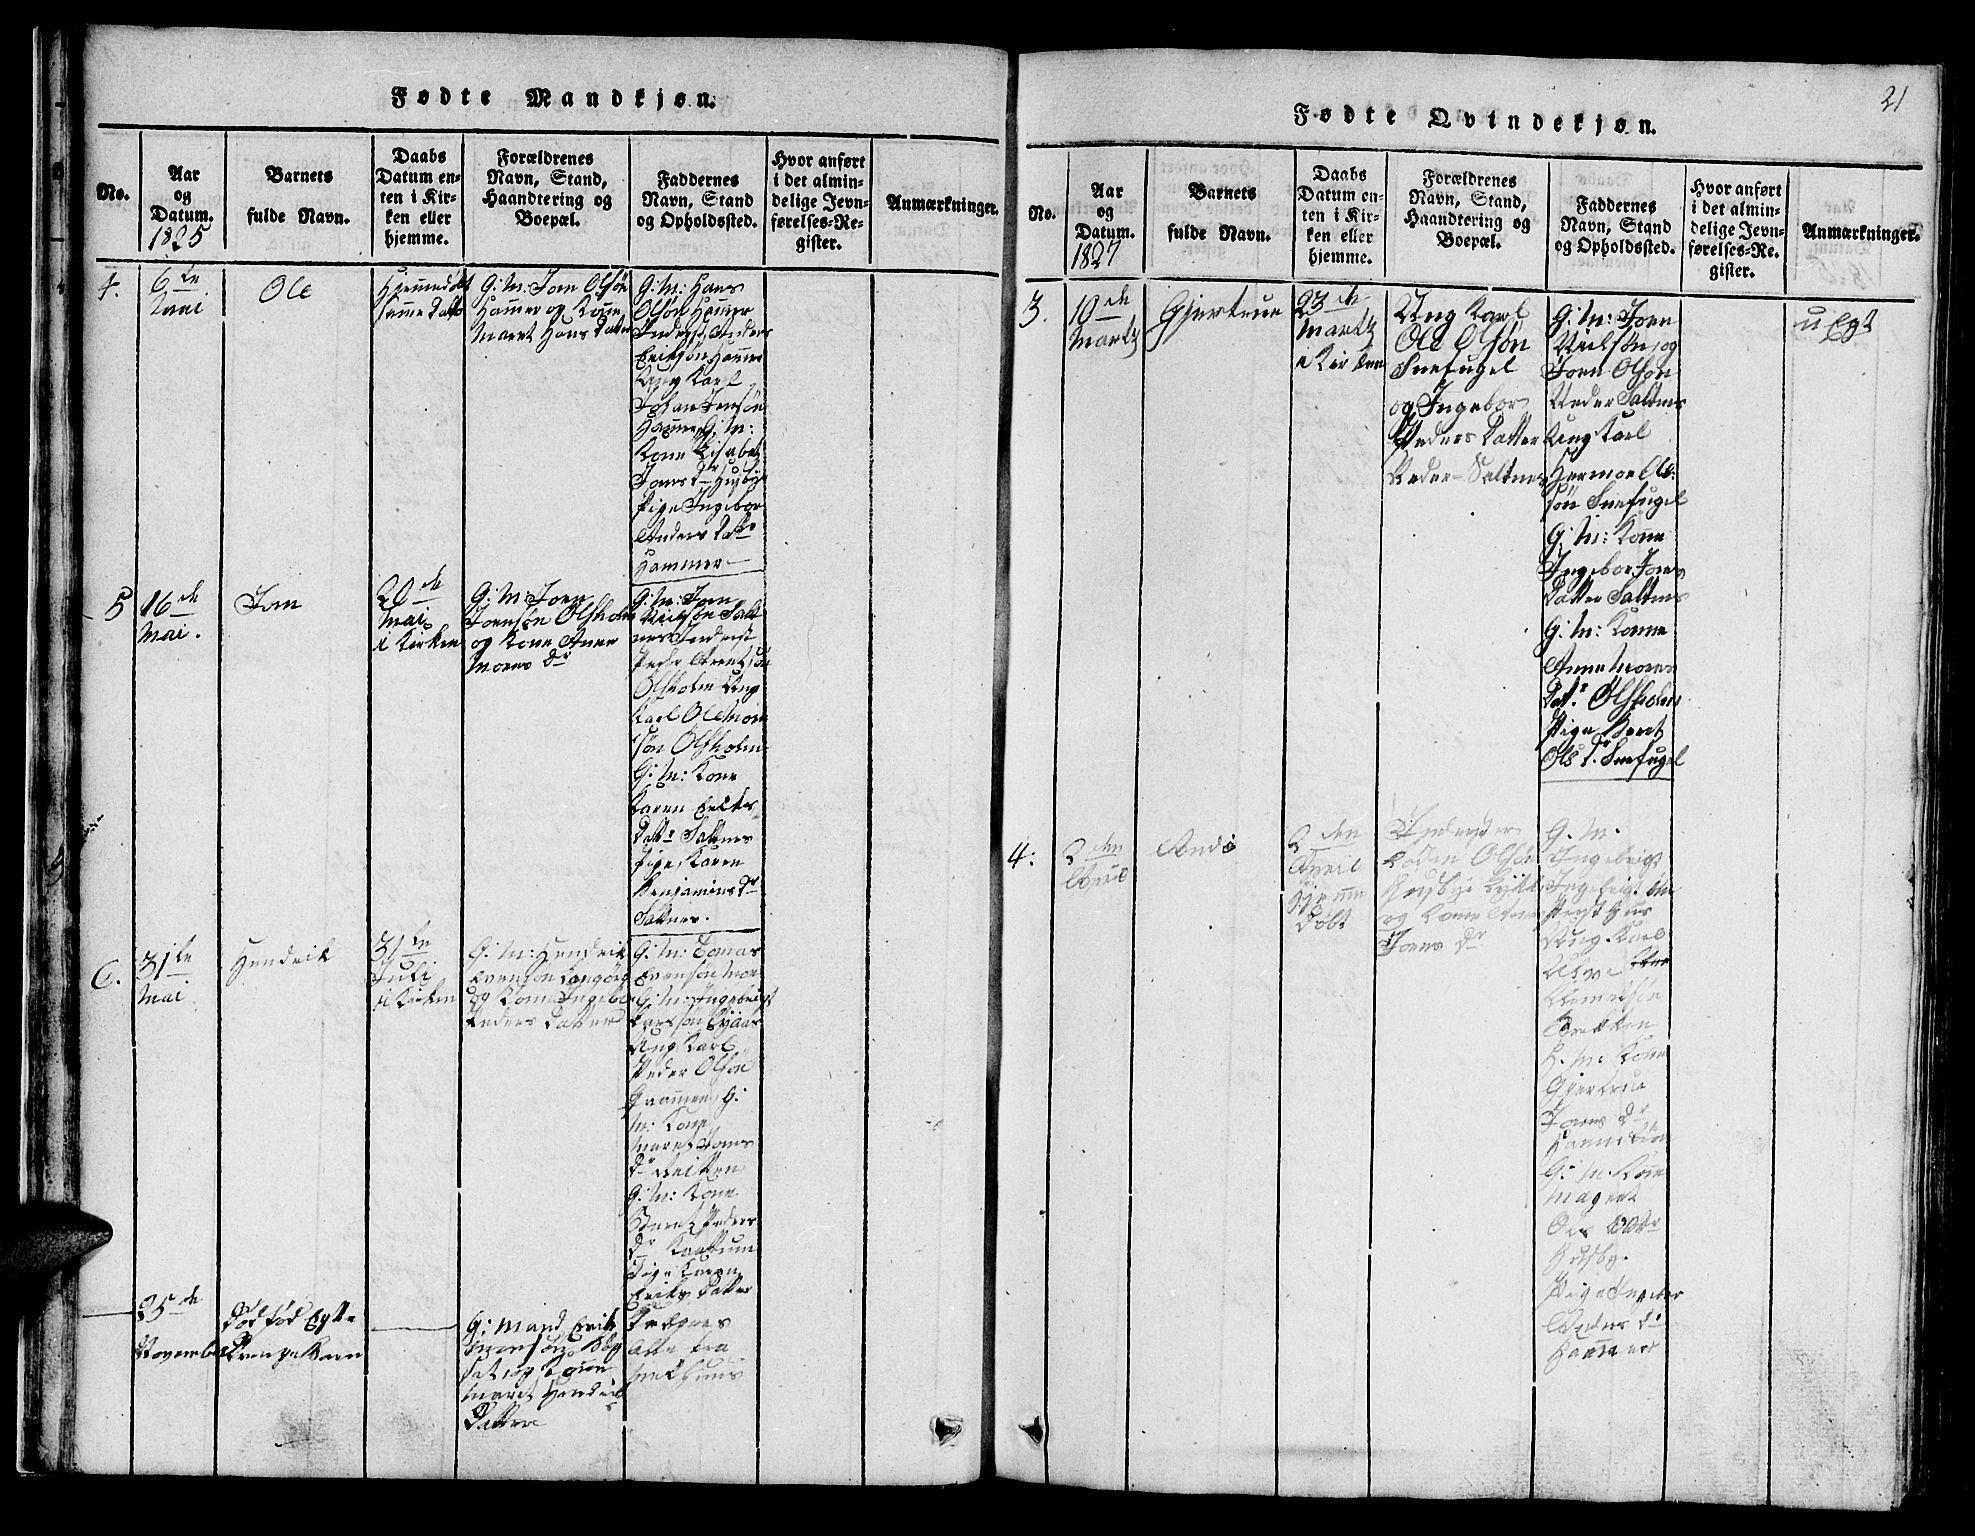 SAT, Ministerialprotokoller, klokkerbøker og fødselsregistre - Sør-Trøndelag, 666/L0788: Klokkerbok nr. 666C01, 1816-1847, s. 21